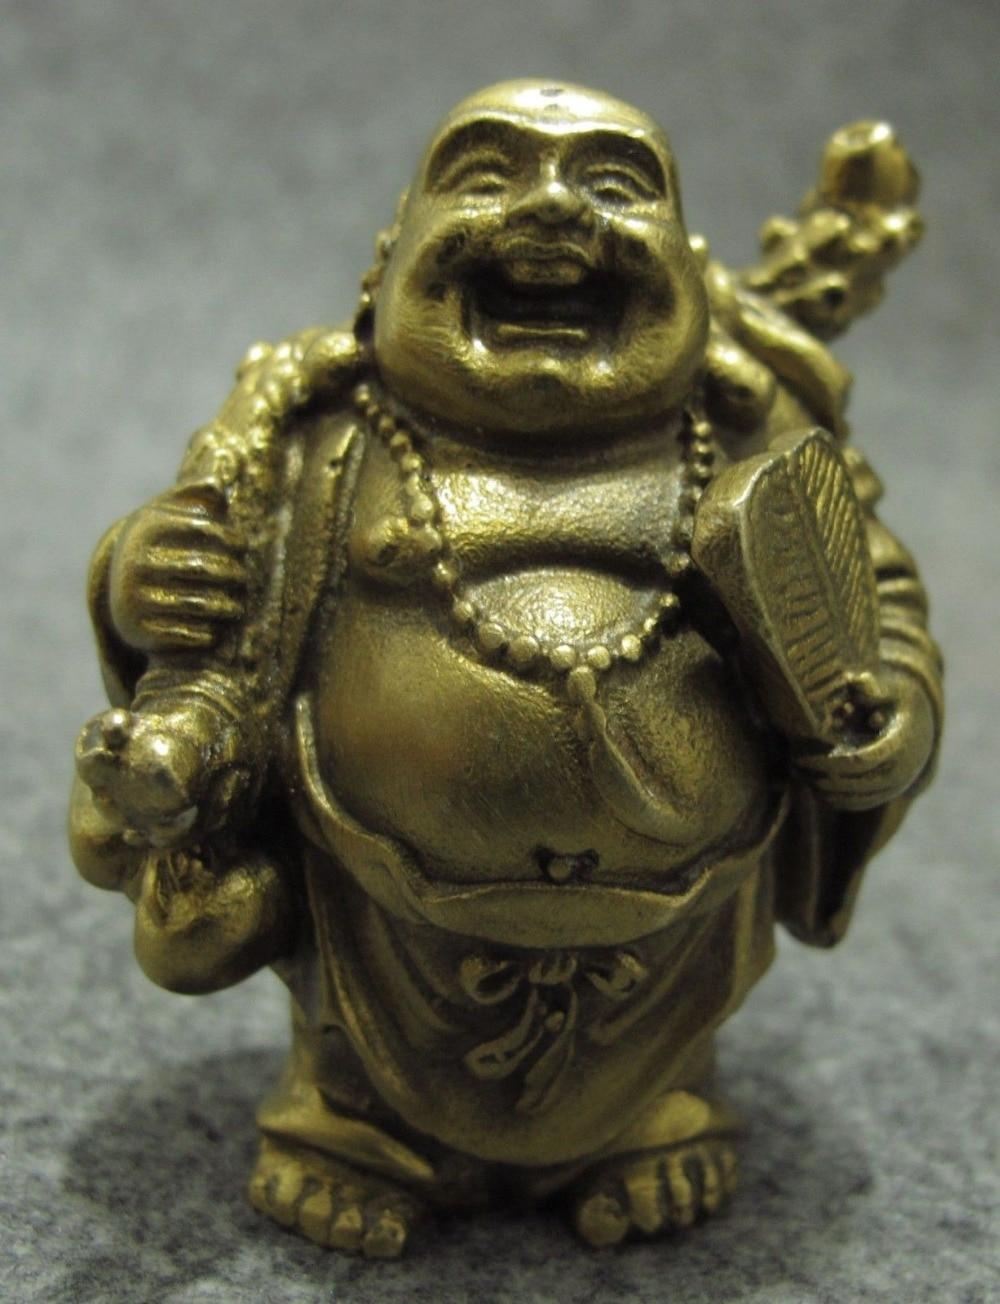 117 ز + الصينية نقية النحاس القرع مروحة حقيبة سعيد اضحك مايتريا بوذا تمثال بوذي-في تماثيل ومنحوتات من المنزل والحديقة على title=